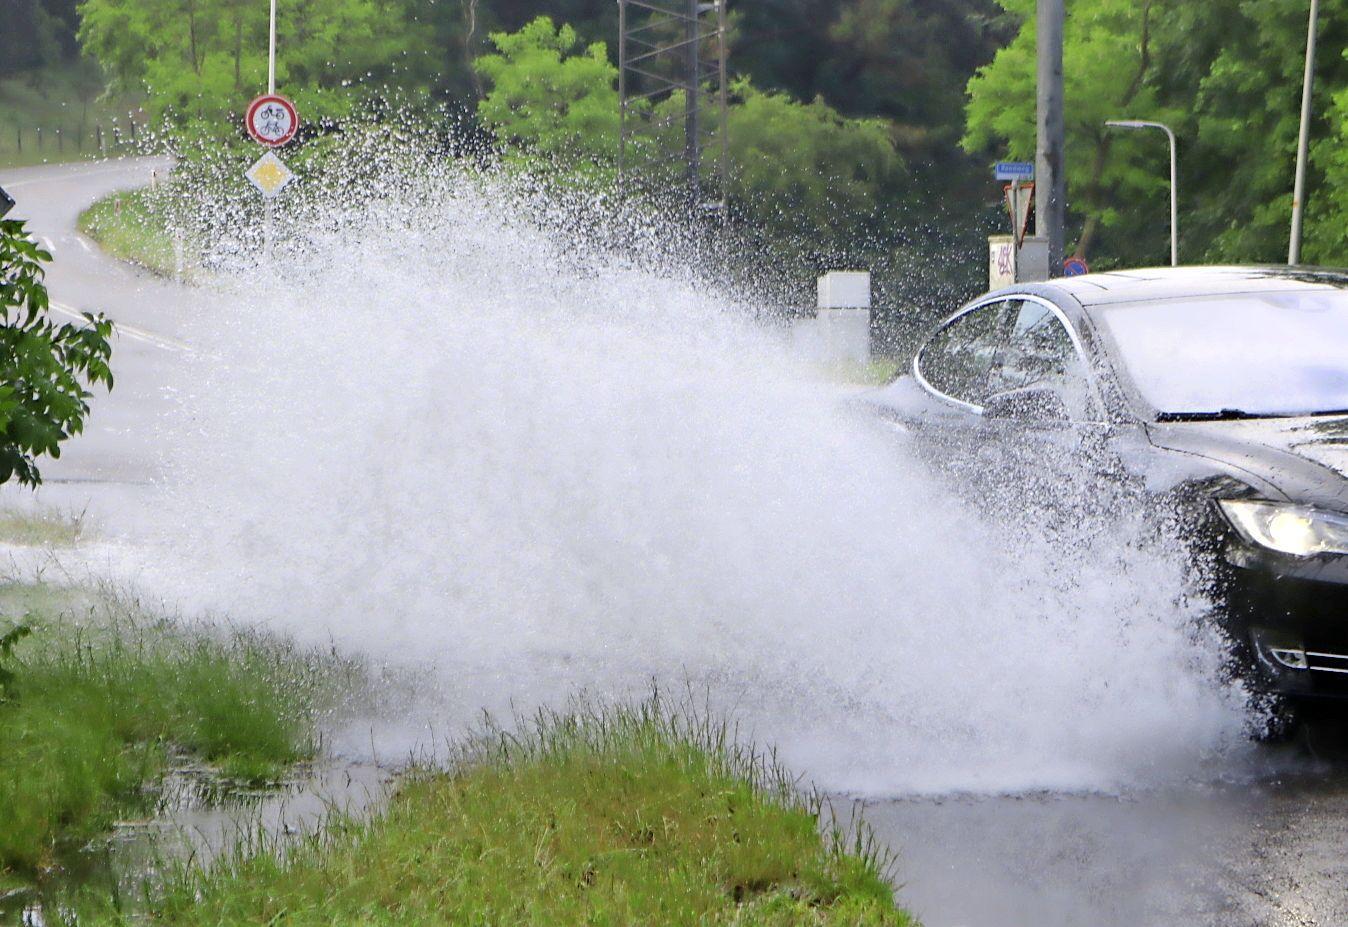 Noodweer spaart Duin- en Bollenstreek ook niet: ravage op de weg, een sinkhole en afgebroken takken